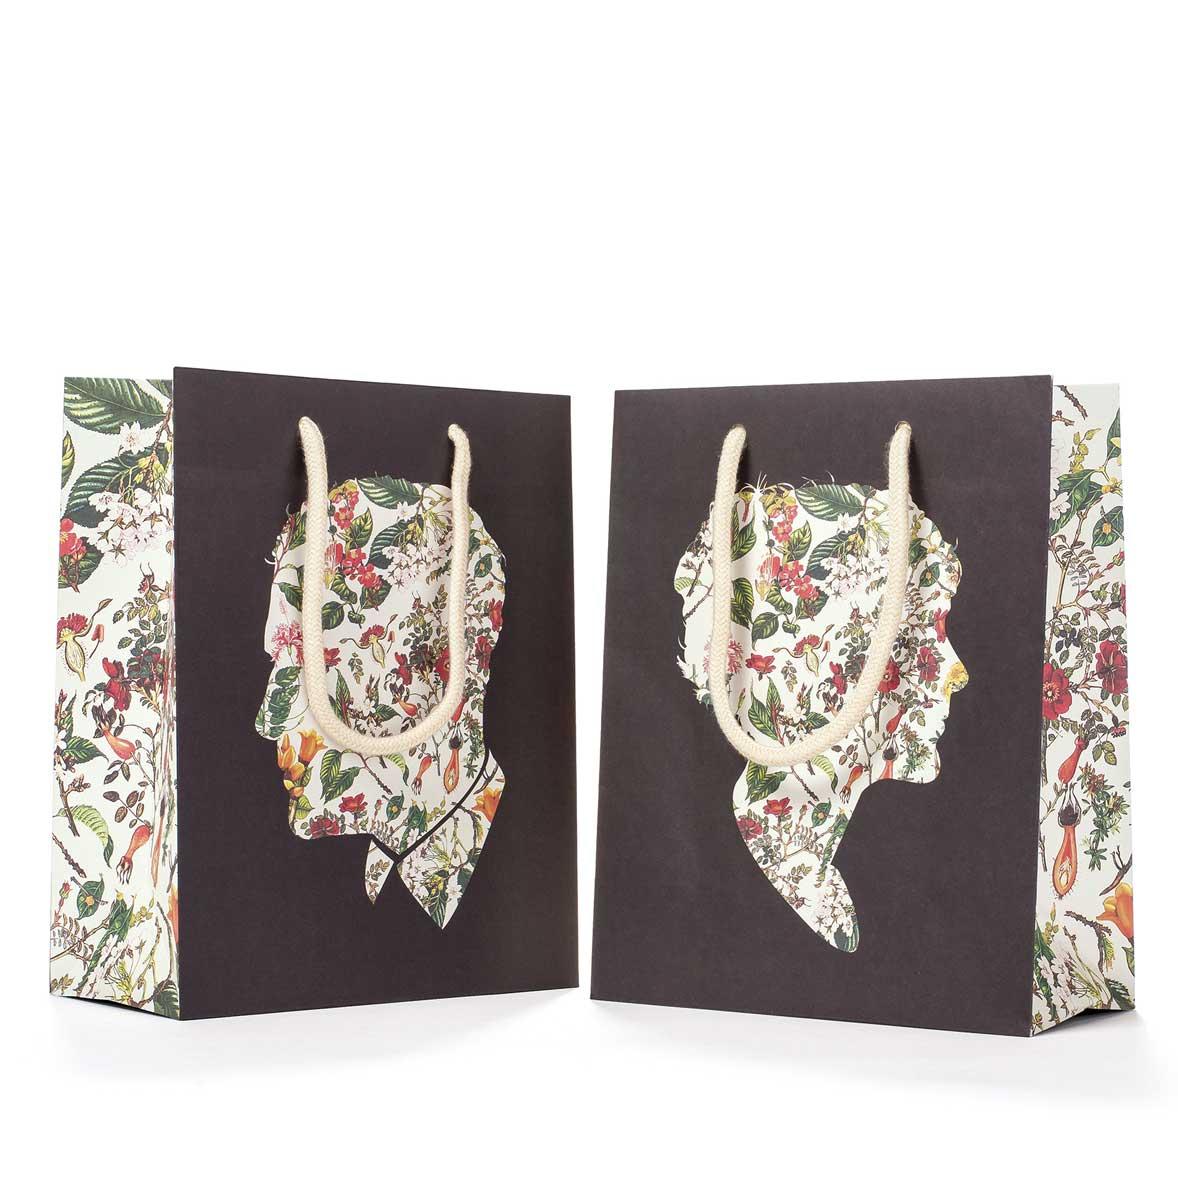 """Geschenktasche """"FLORAL SILHOUETTE CUB BAG"""" von Hester & Cook"""